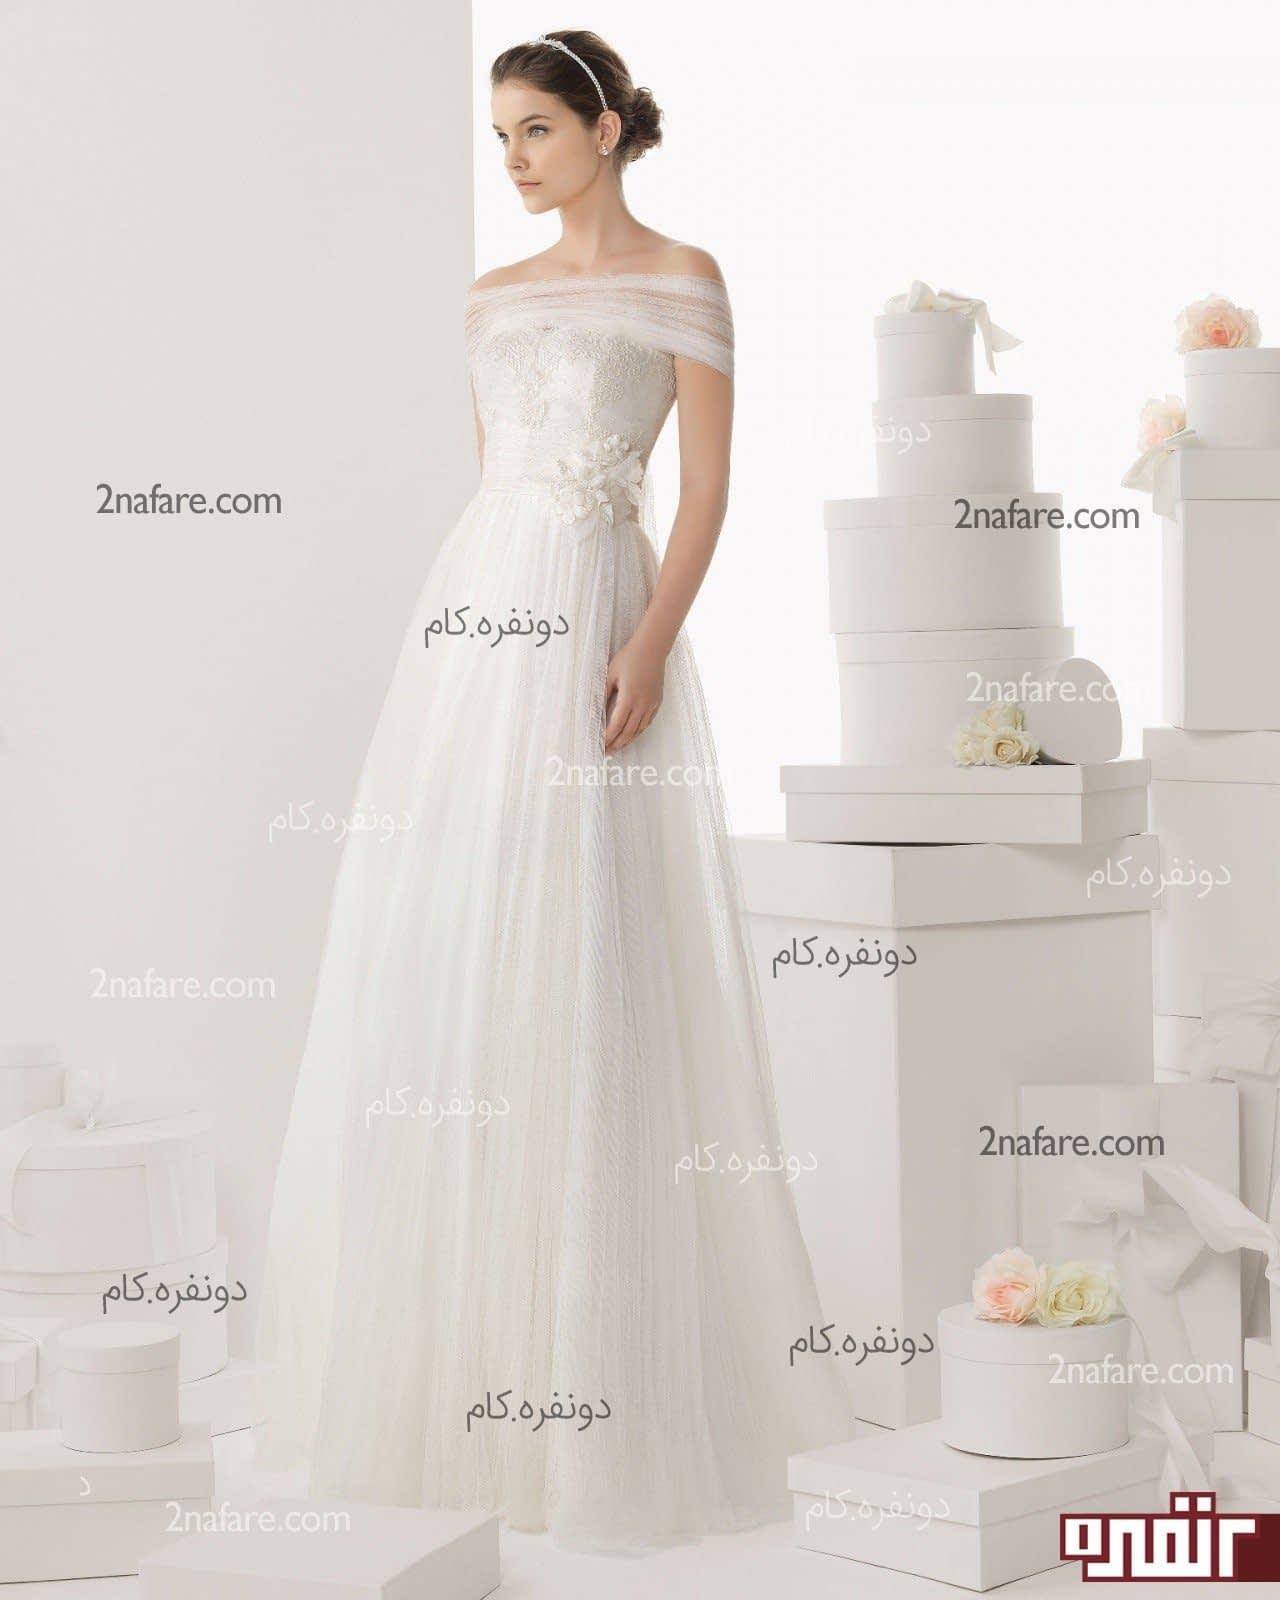 عکس+لباس+عروس+آستین+سه+ربع